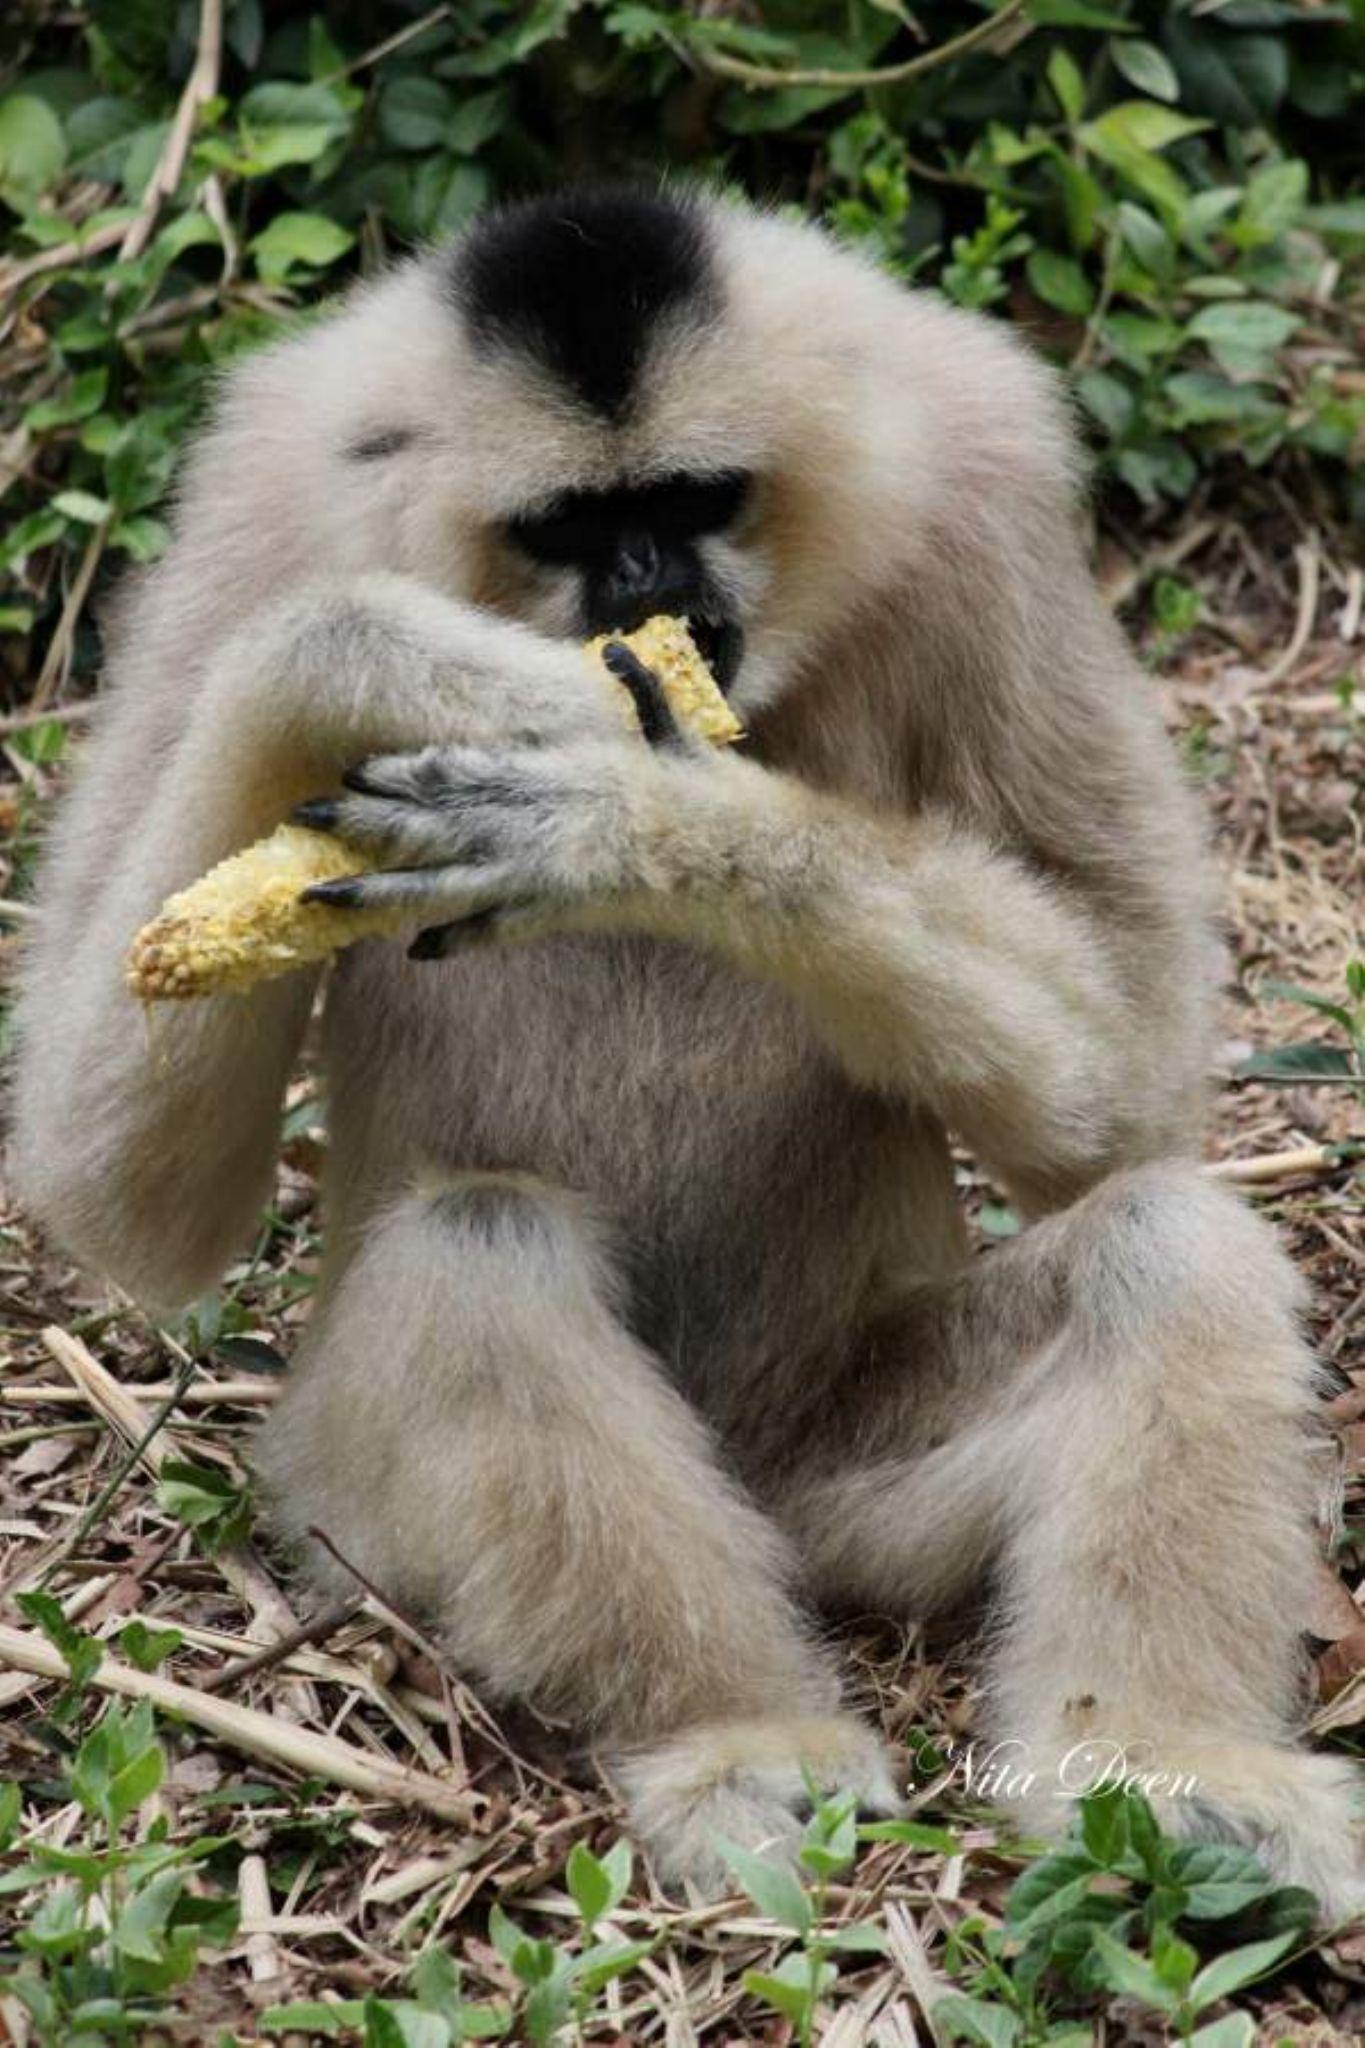 Nashville Zoo by nitadeen